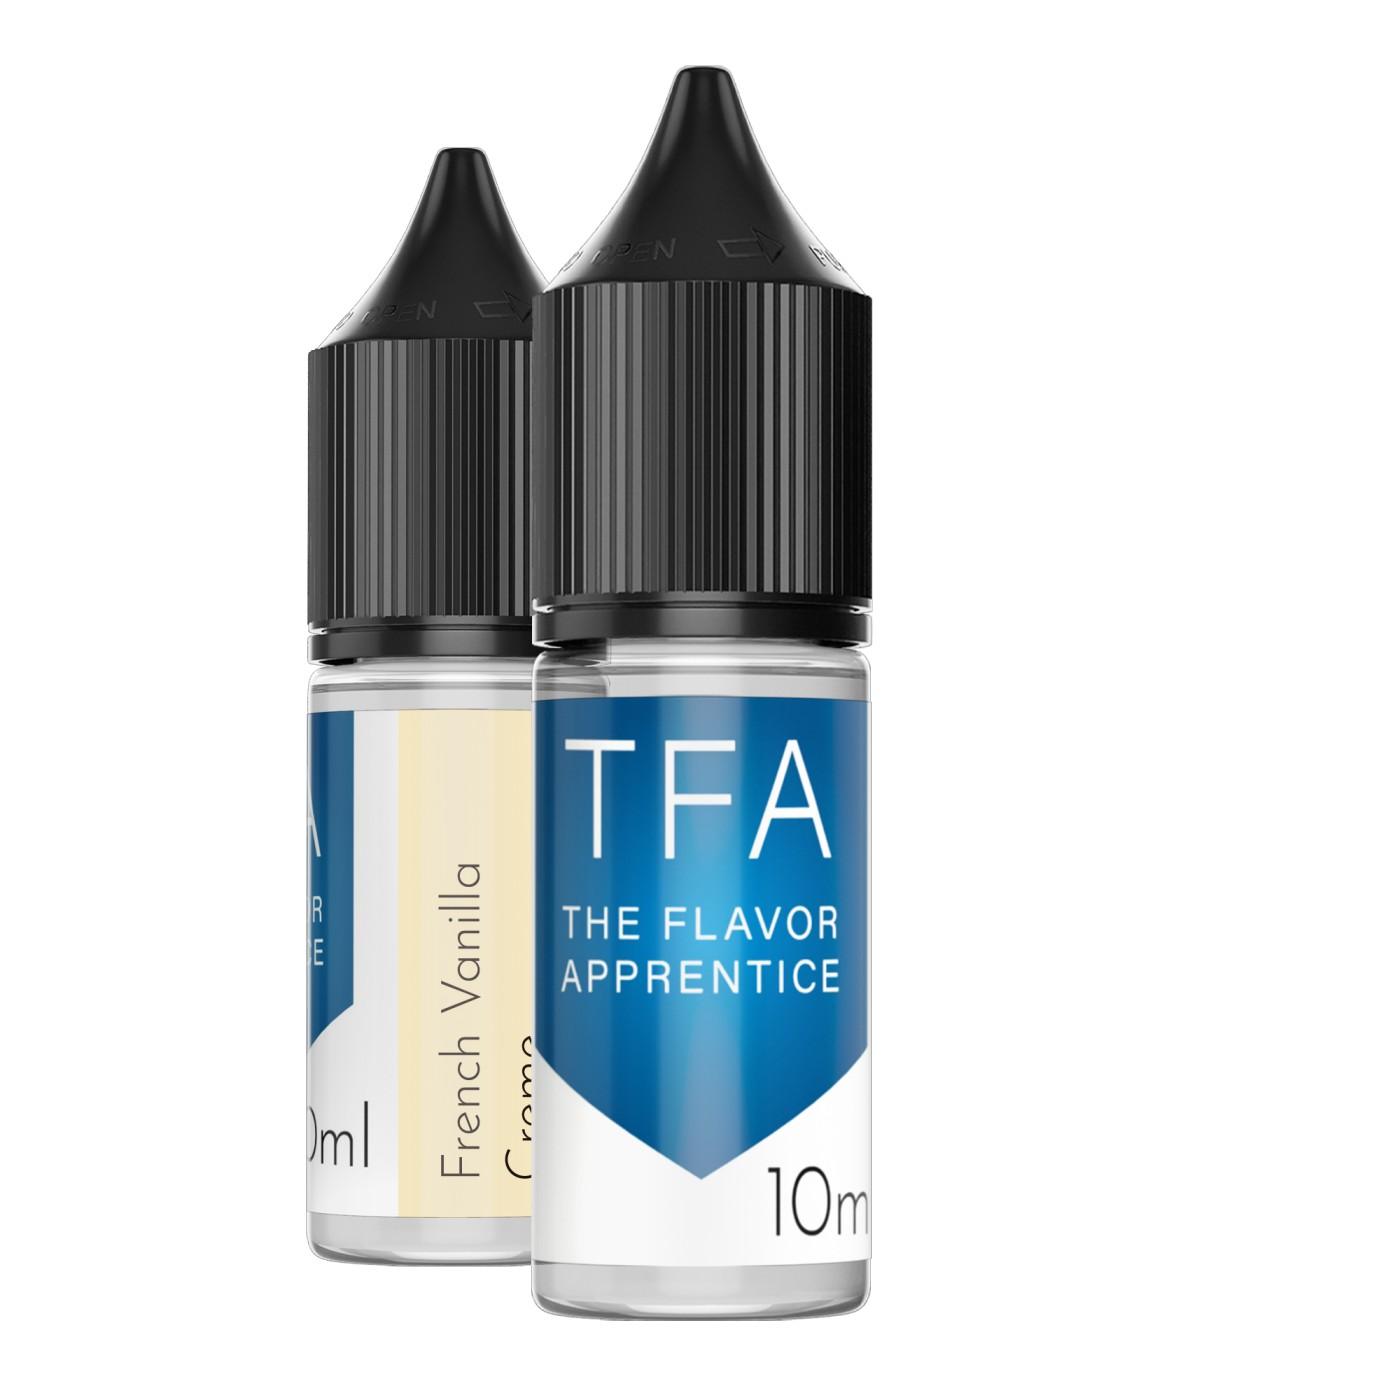 Flavor Apprentice (TPA) French Vanilla Creme 10ml